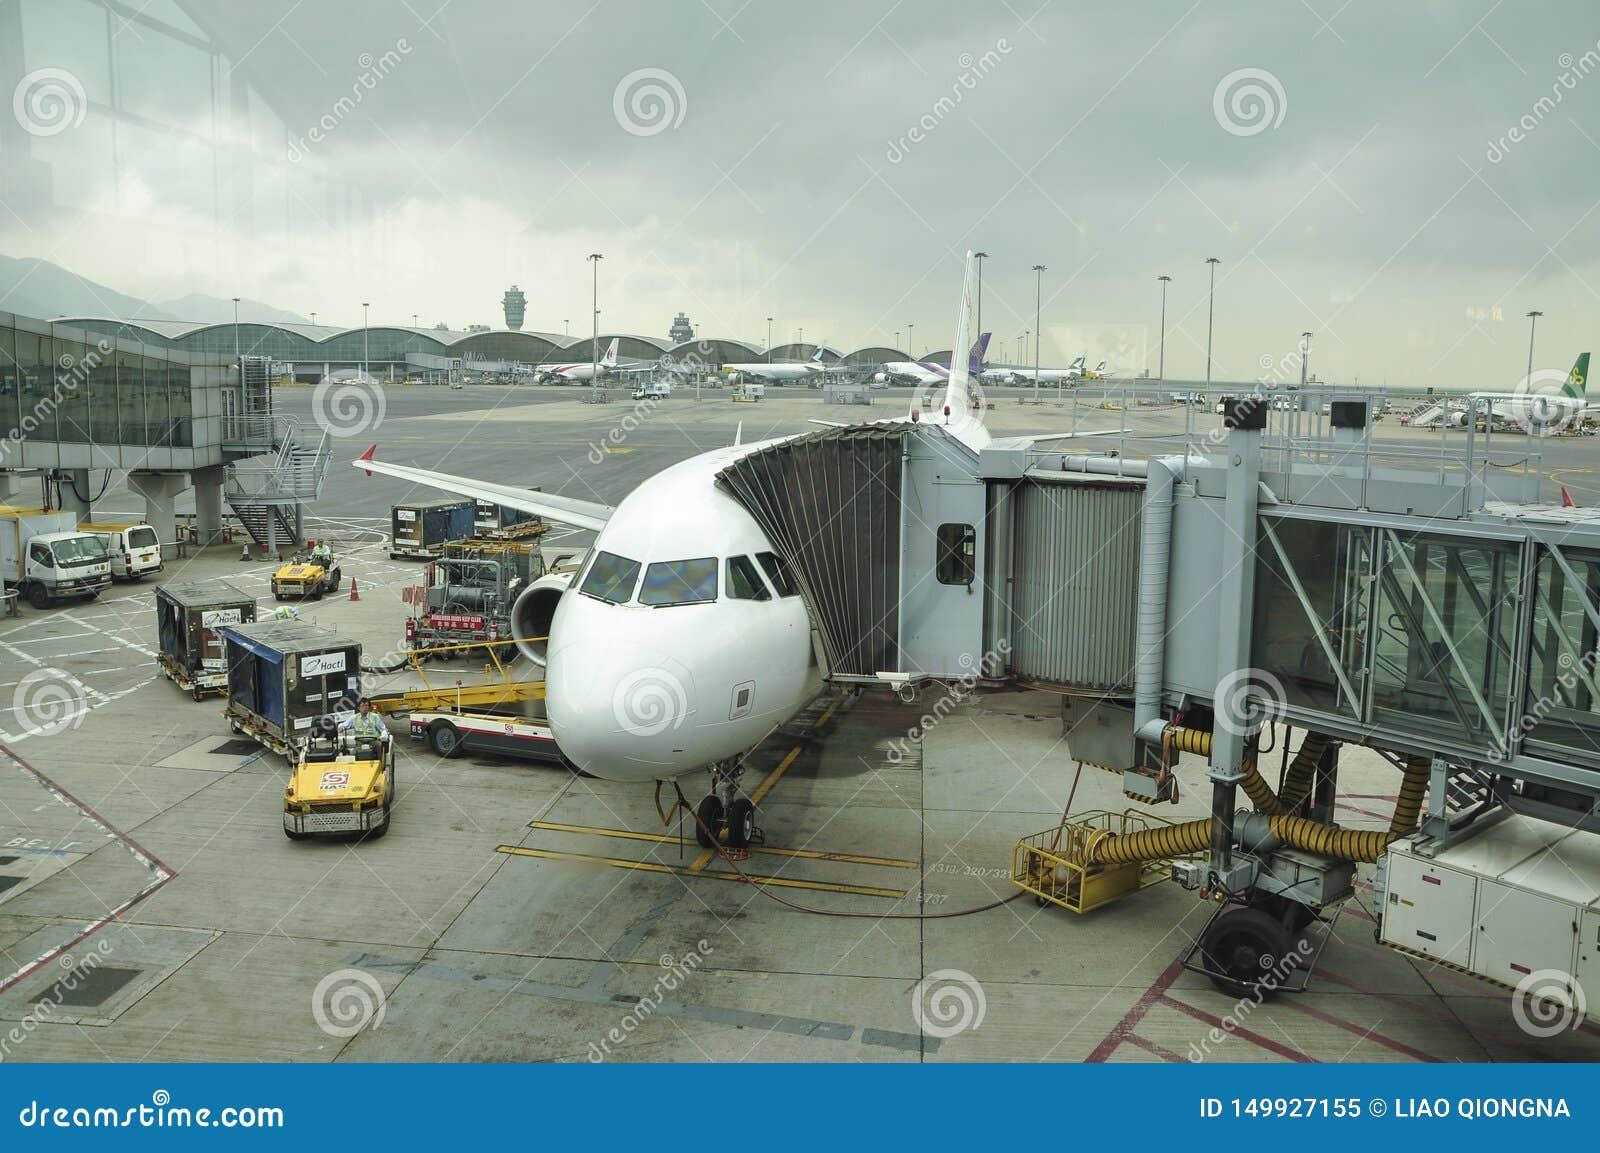 Το αεροπλάνο στο tarmac Ο διεθνής αερολιμένας Χονγκ Κονγκ είναι το εμπορικό Χονγκ Κονγκ εξυπηρέτησης αερολιμένων